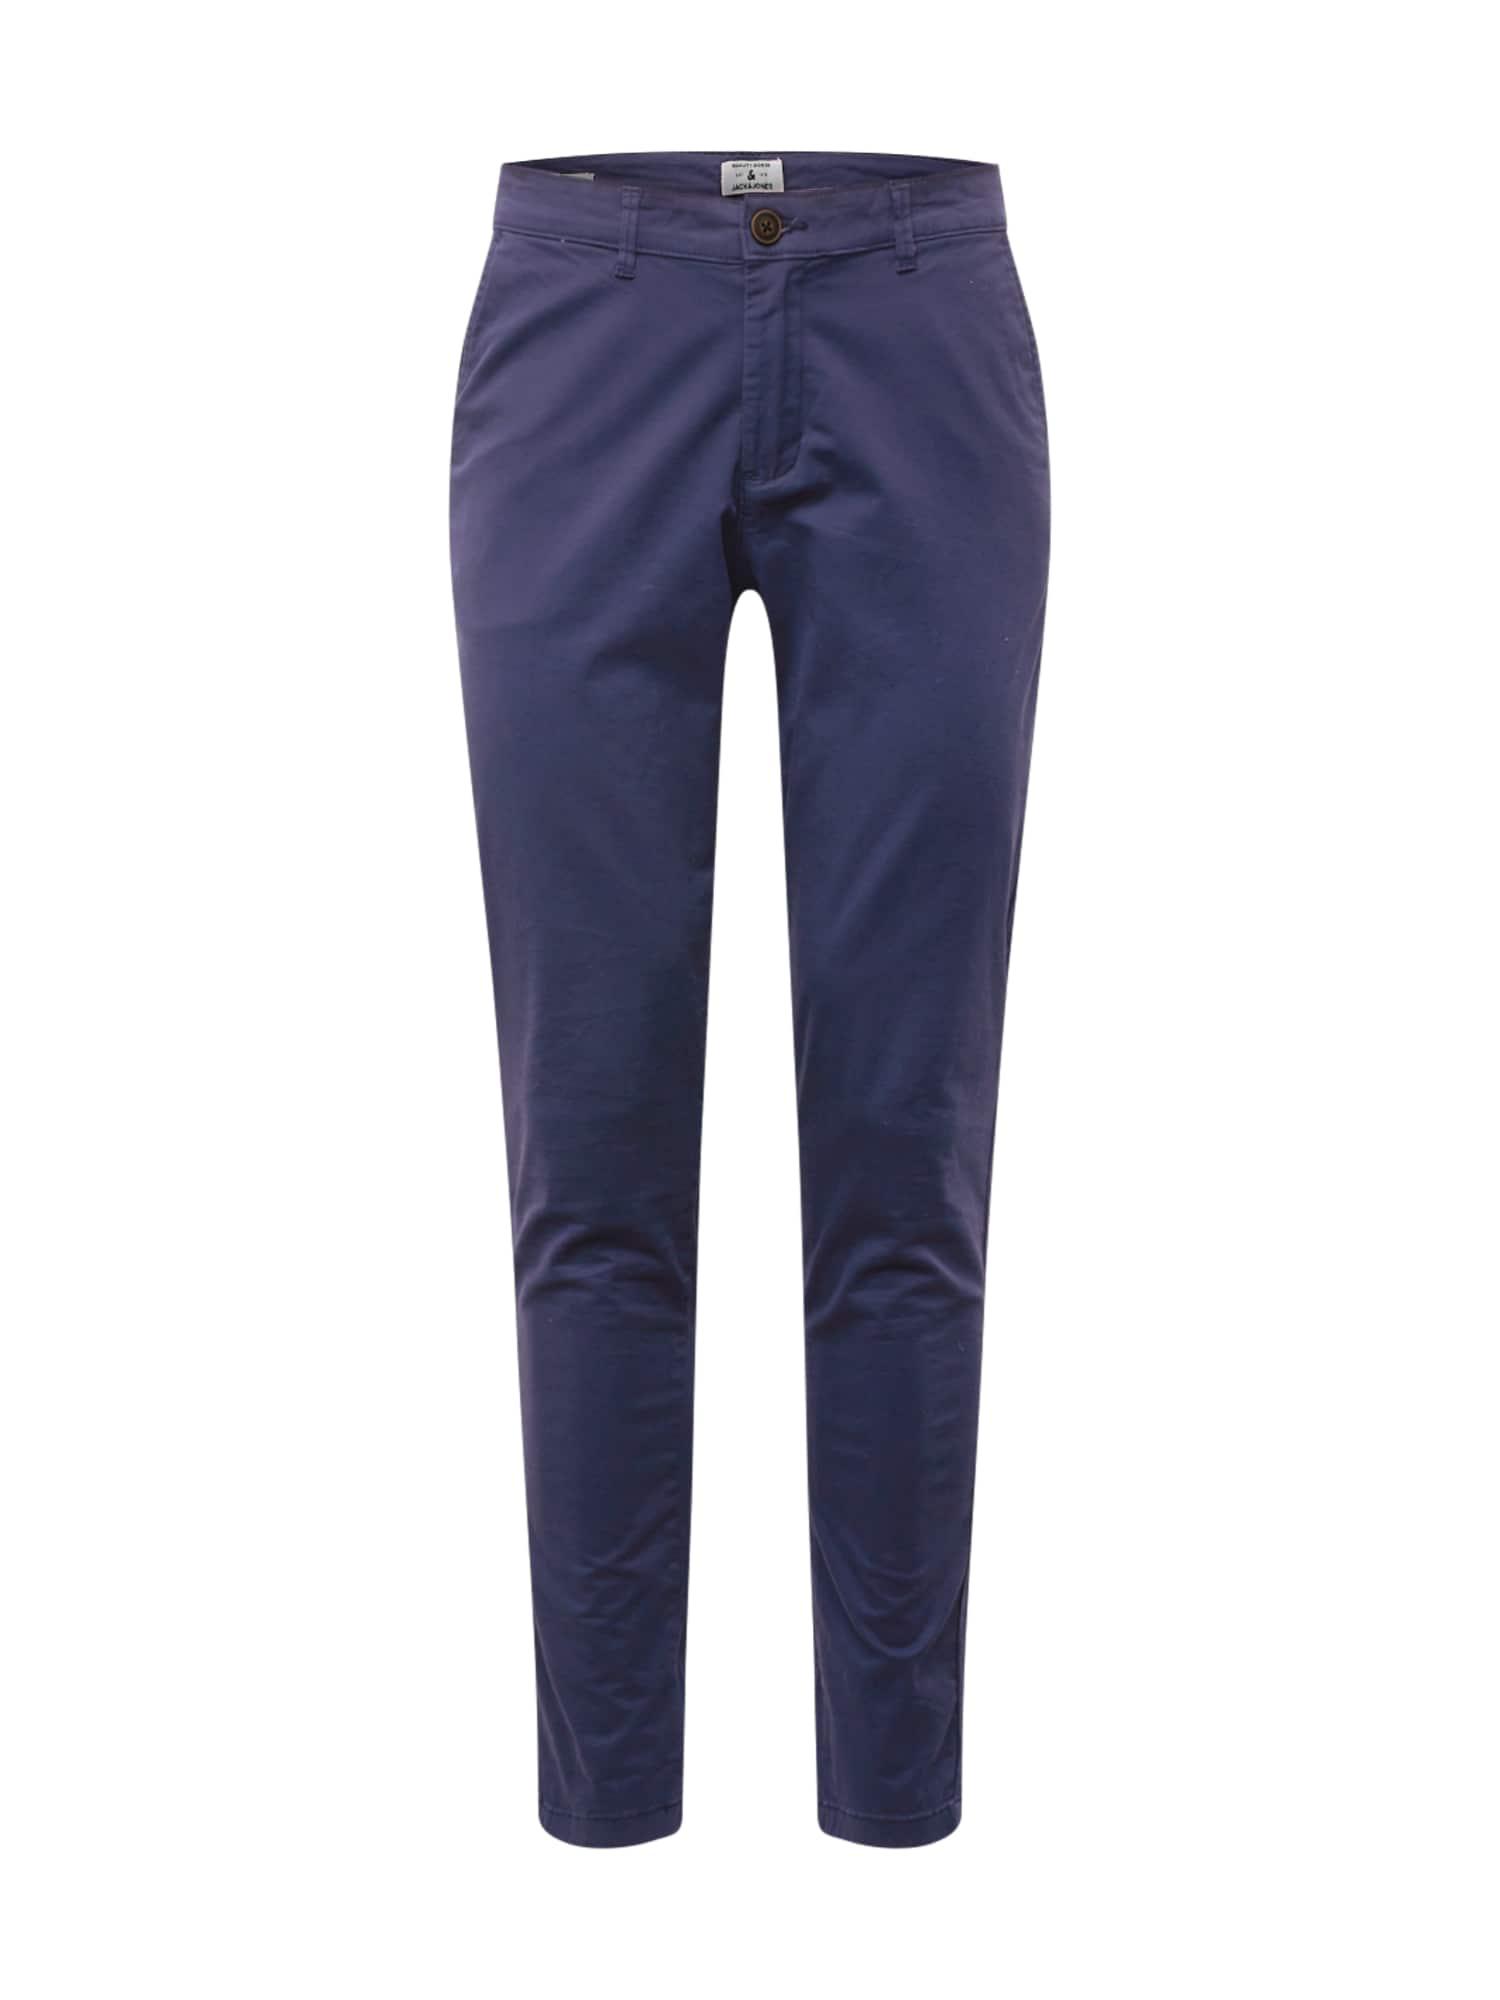 JACK & JONES Chino kalhoty 'Marco Dave'  námořnická modř